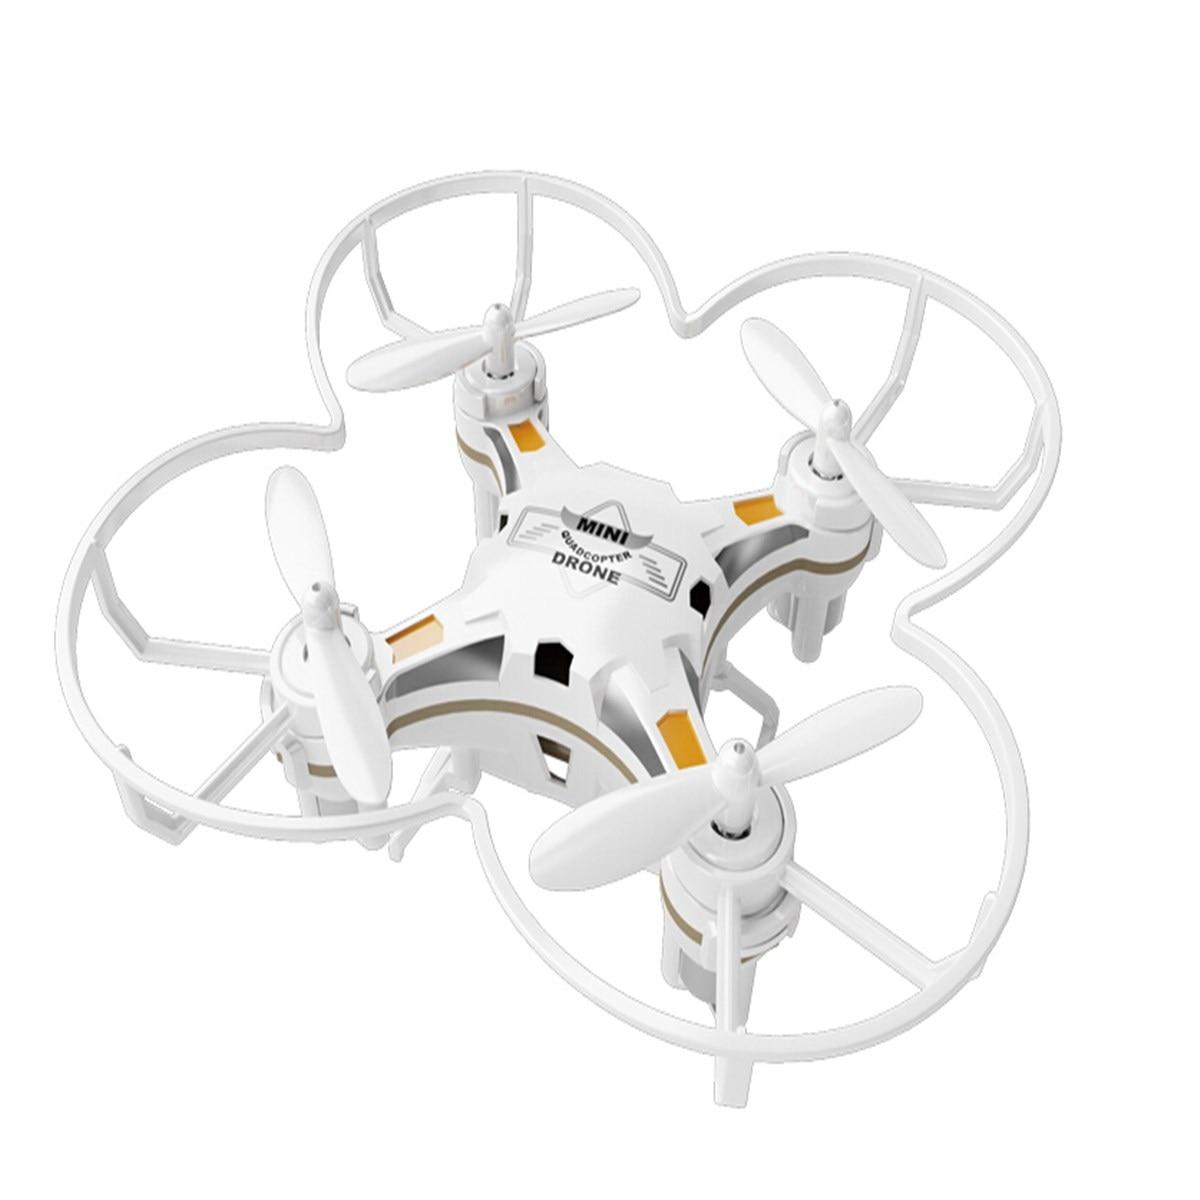 Neue FQ777-124 MINI DRONE 4CH 6 ACHSEN-GYRO RC QUADCOPTER Umschaltbar Regler RTF UAV RC Hubschrauber Spielzeug Mini Drones Geschenk präsentieren